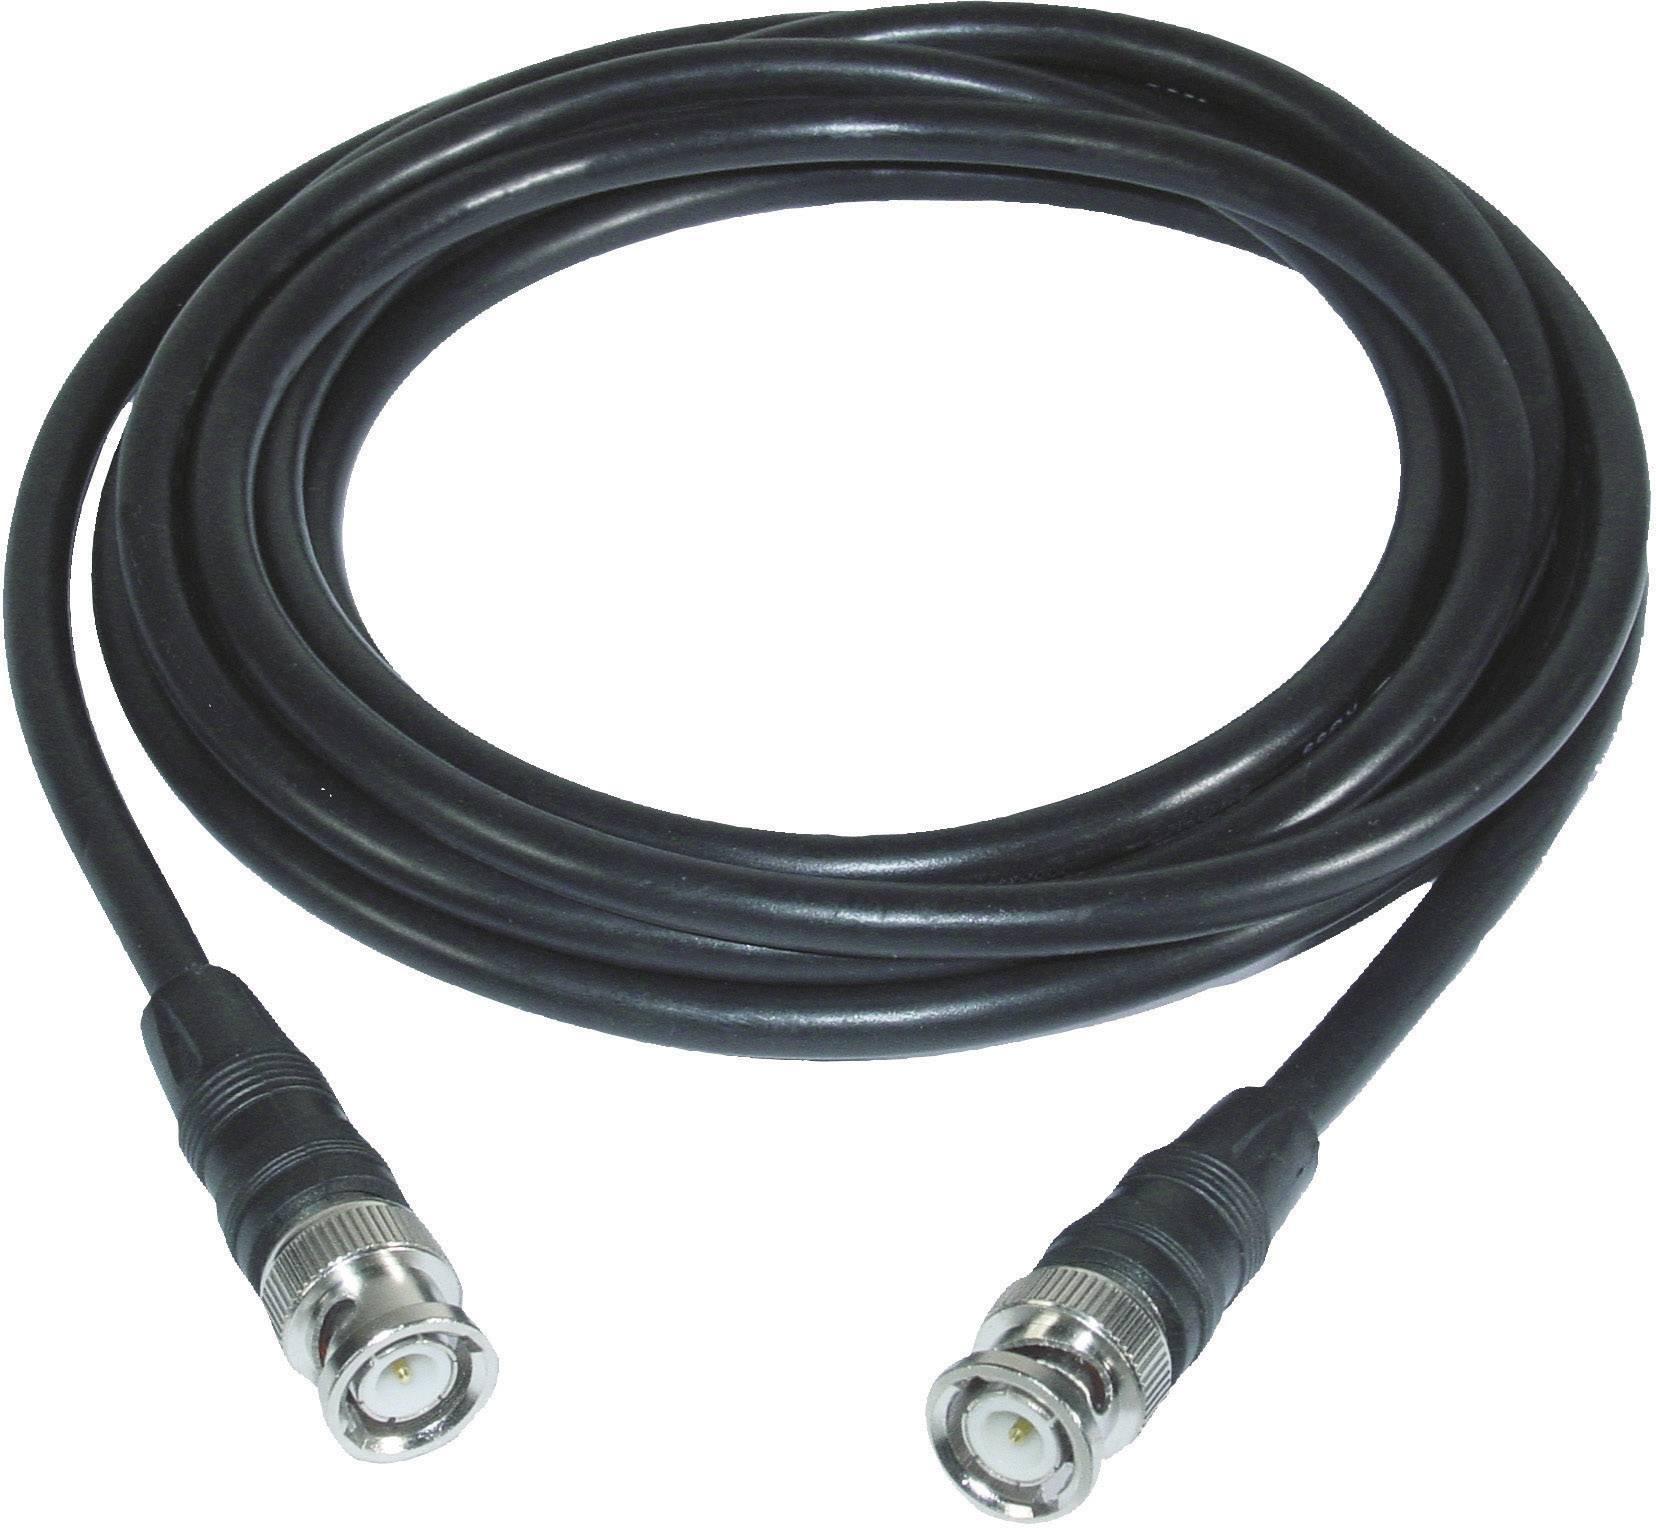 BNC predlžovací kábel ABUS TVAC40030, BNC ⇔ BNC, 75 Ω, 5 m